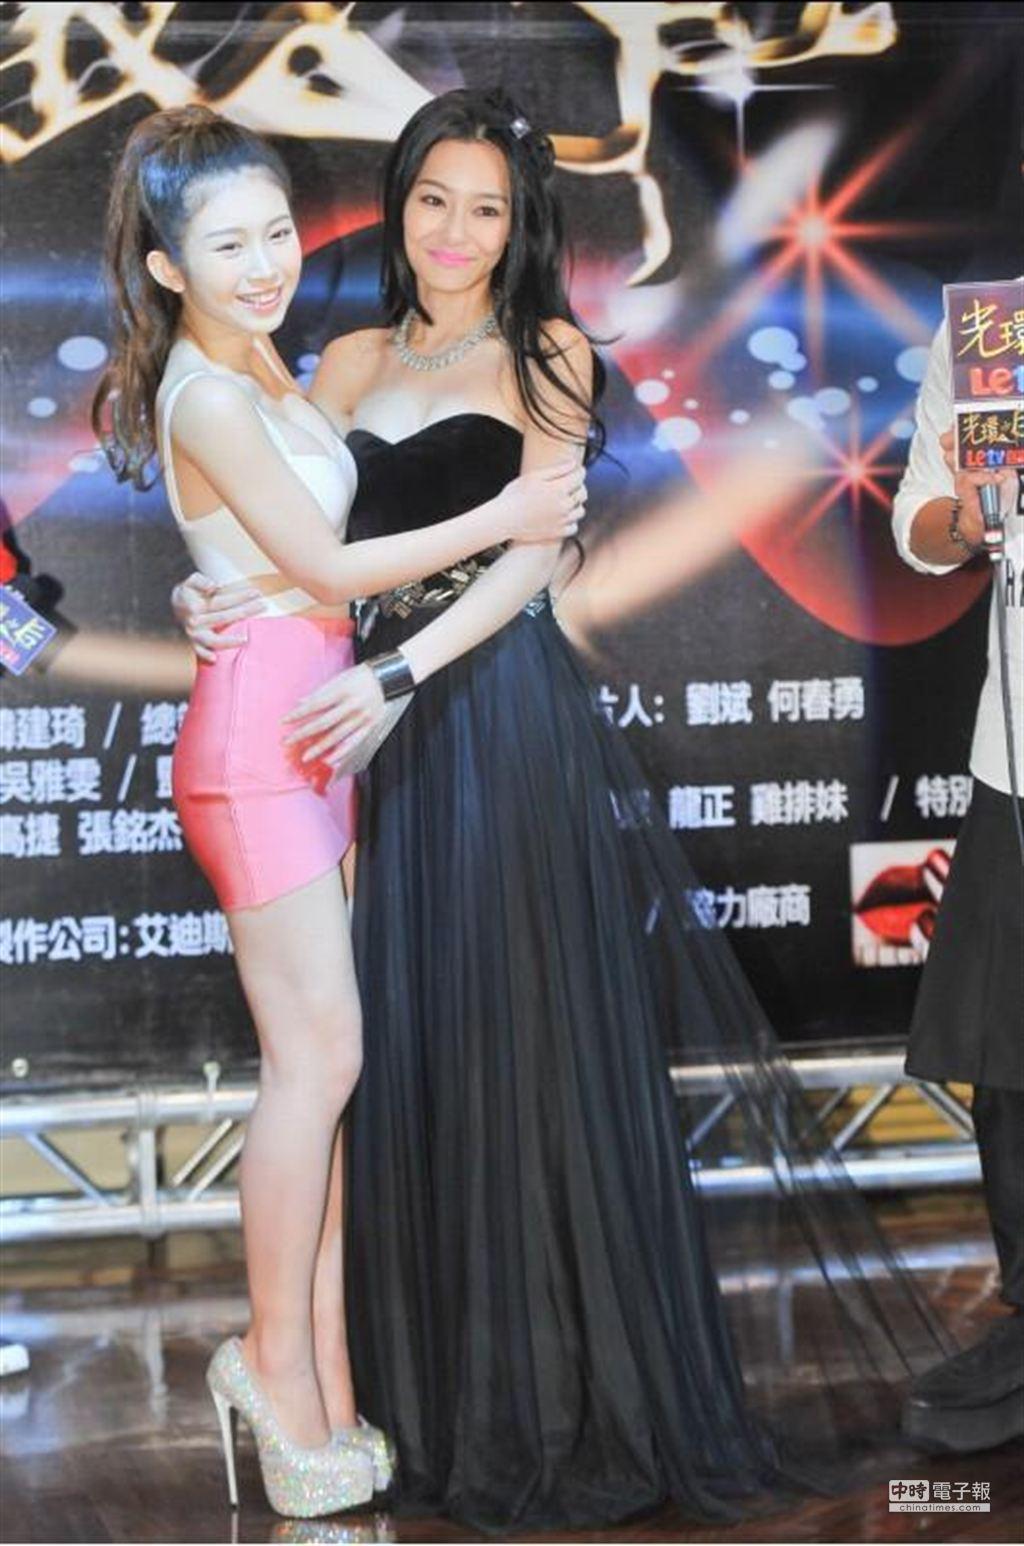 王思佳、雞排妹在拍戲期間鬧不合。(盧禕祺攝)